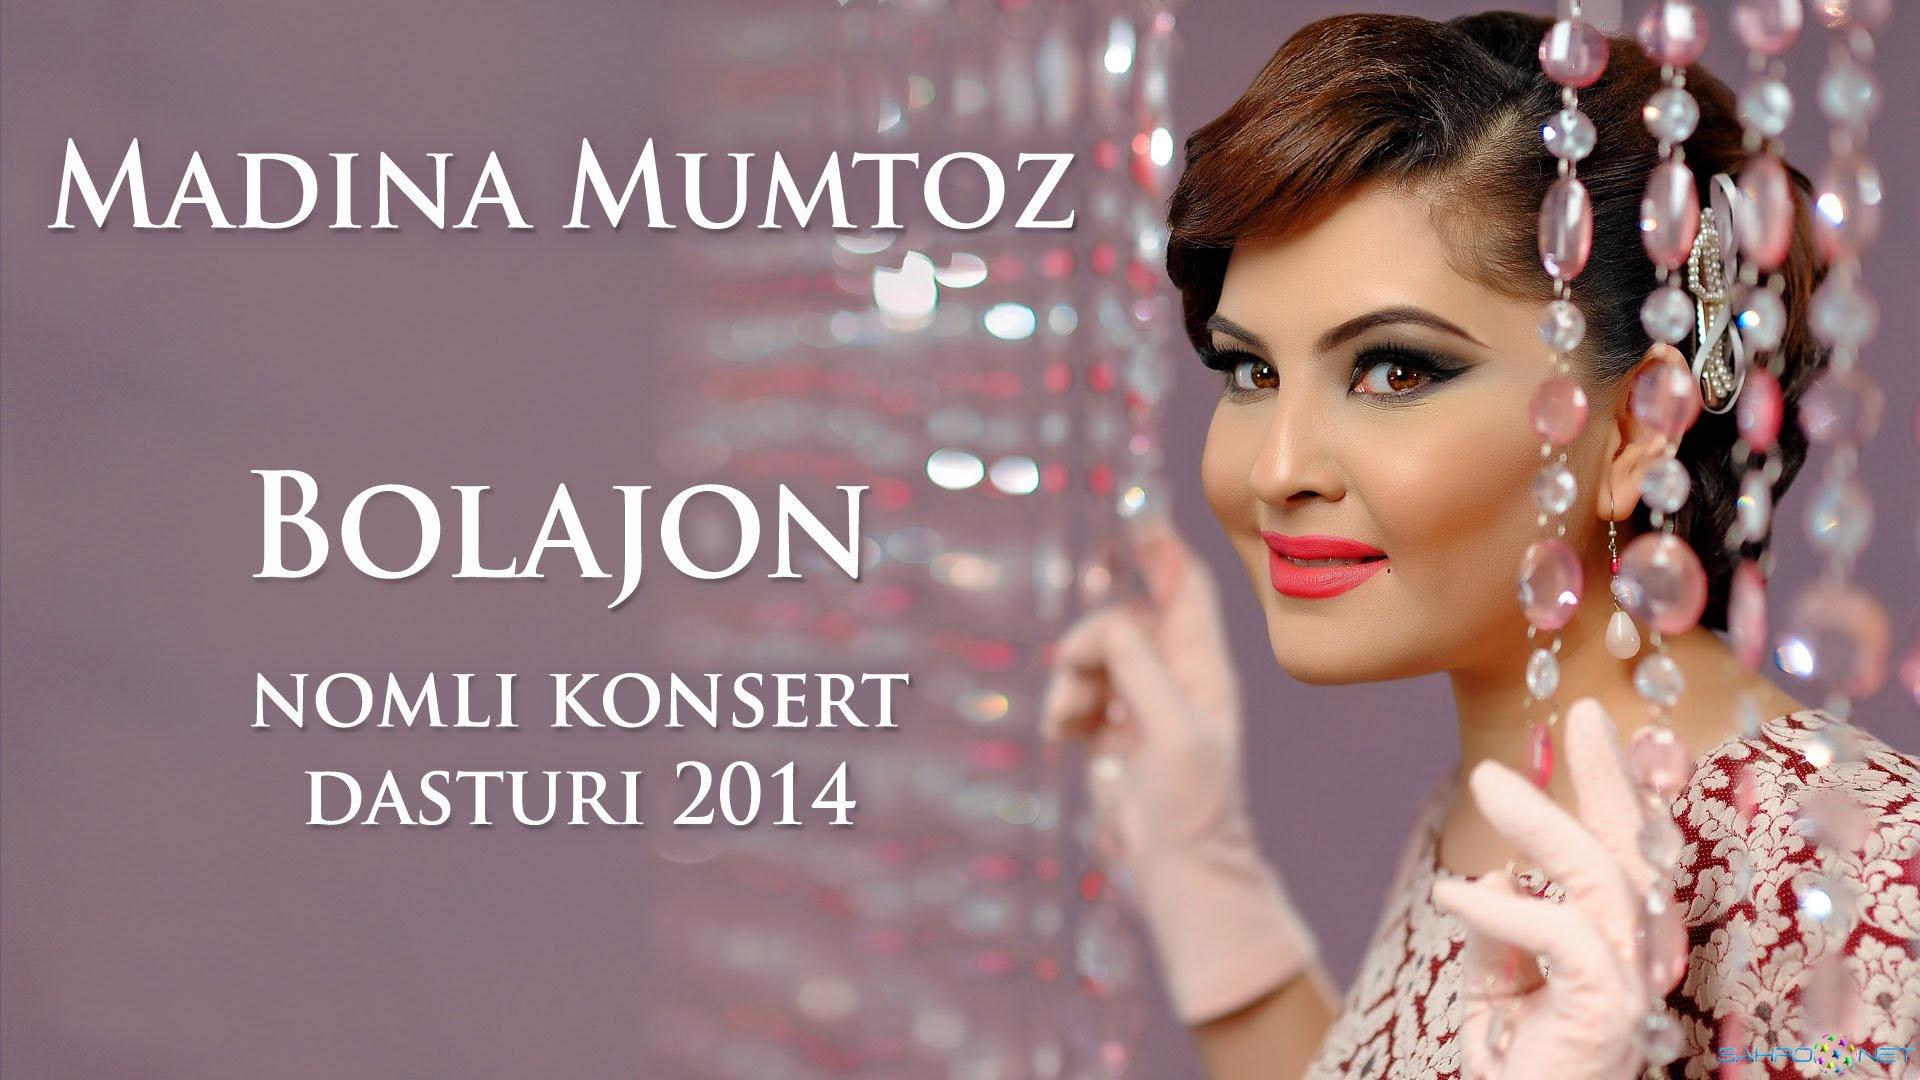 """Madina Mumtoz - """"Bolajon"""" konsert dasturi 2014 (TOLIQ)"""